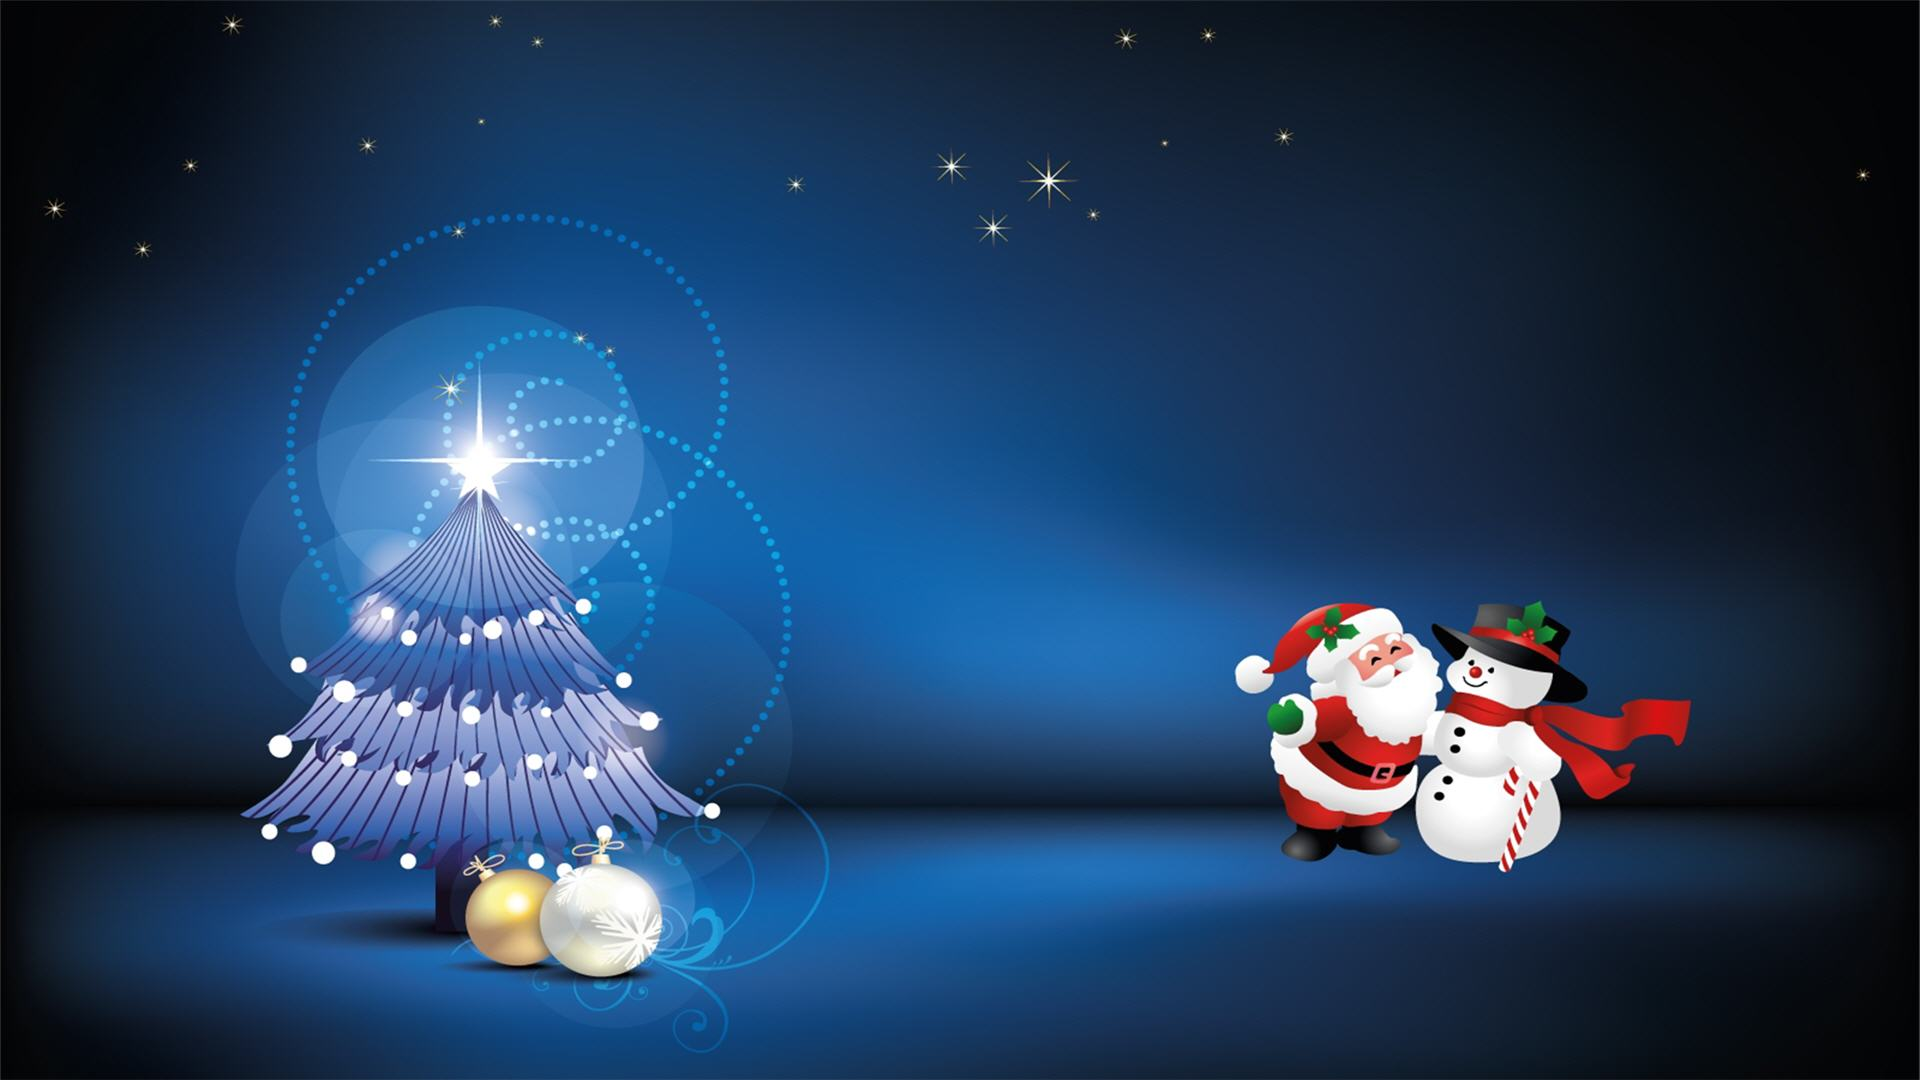 Christmas Wallpapers for Desktop | Hd Christmas Wallpapers for Desktop ...